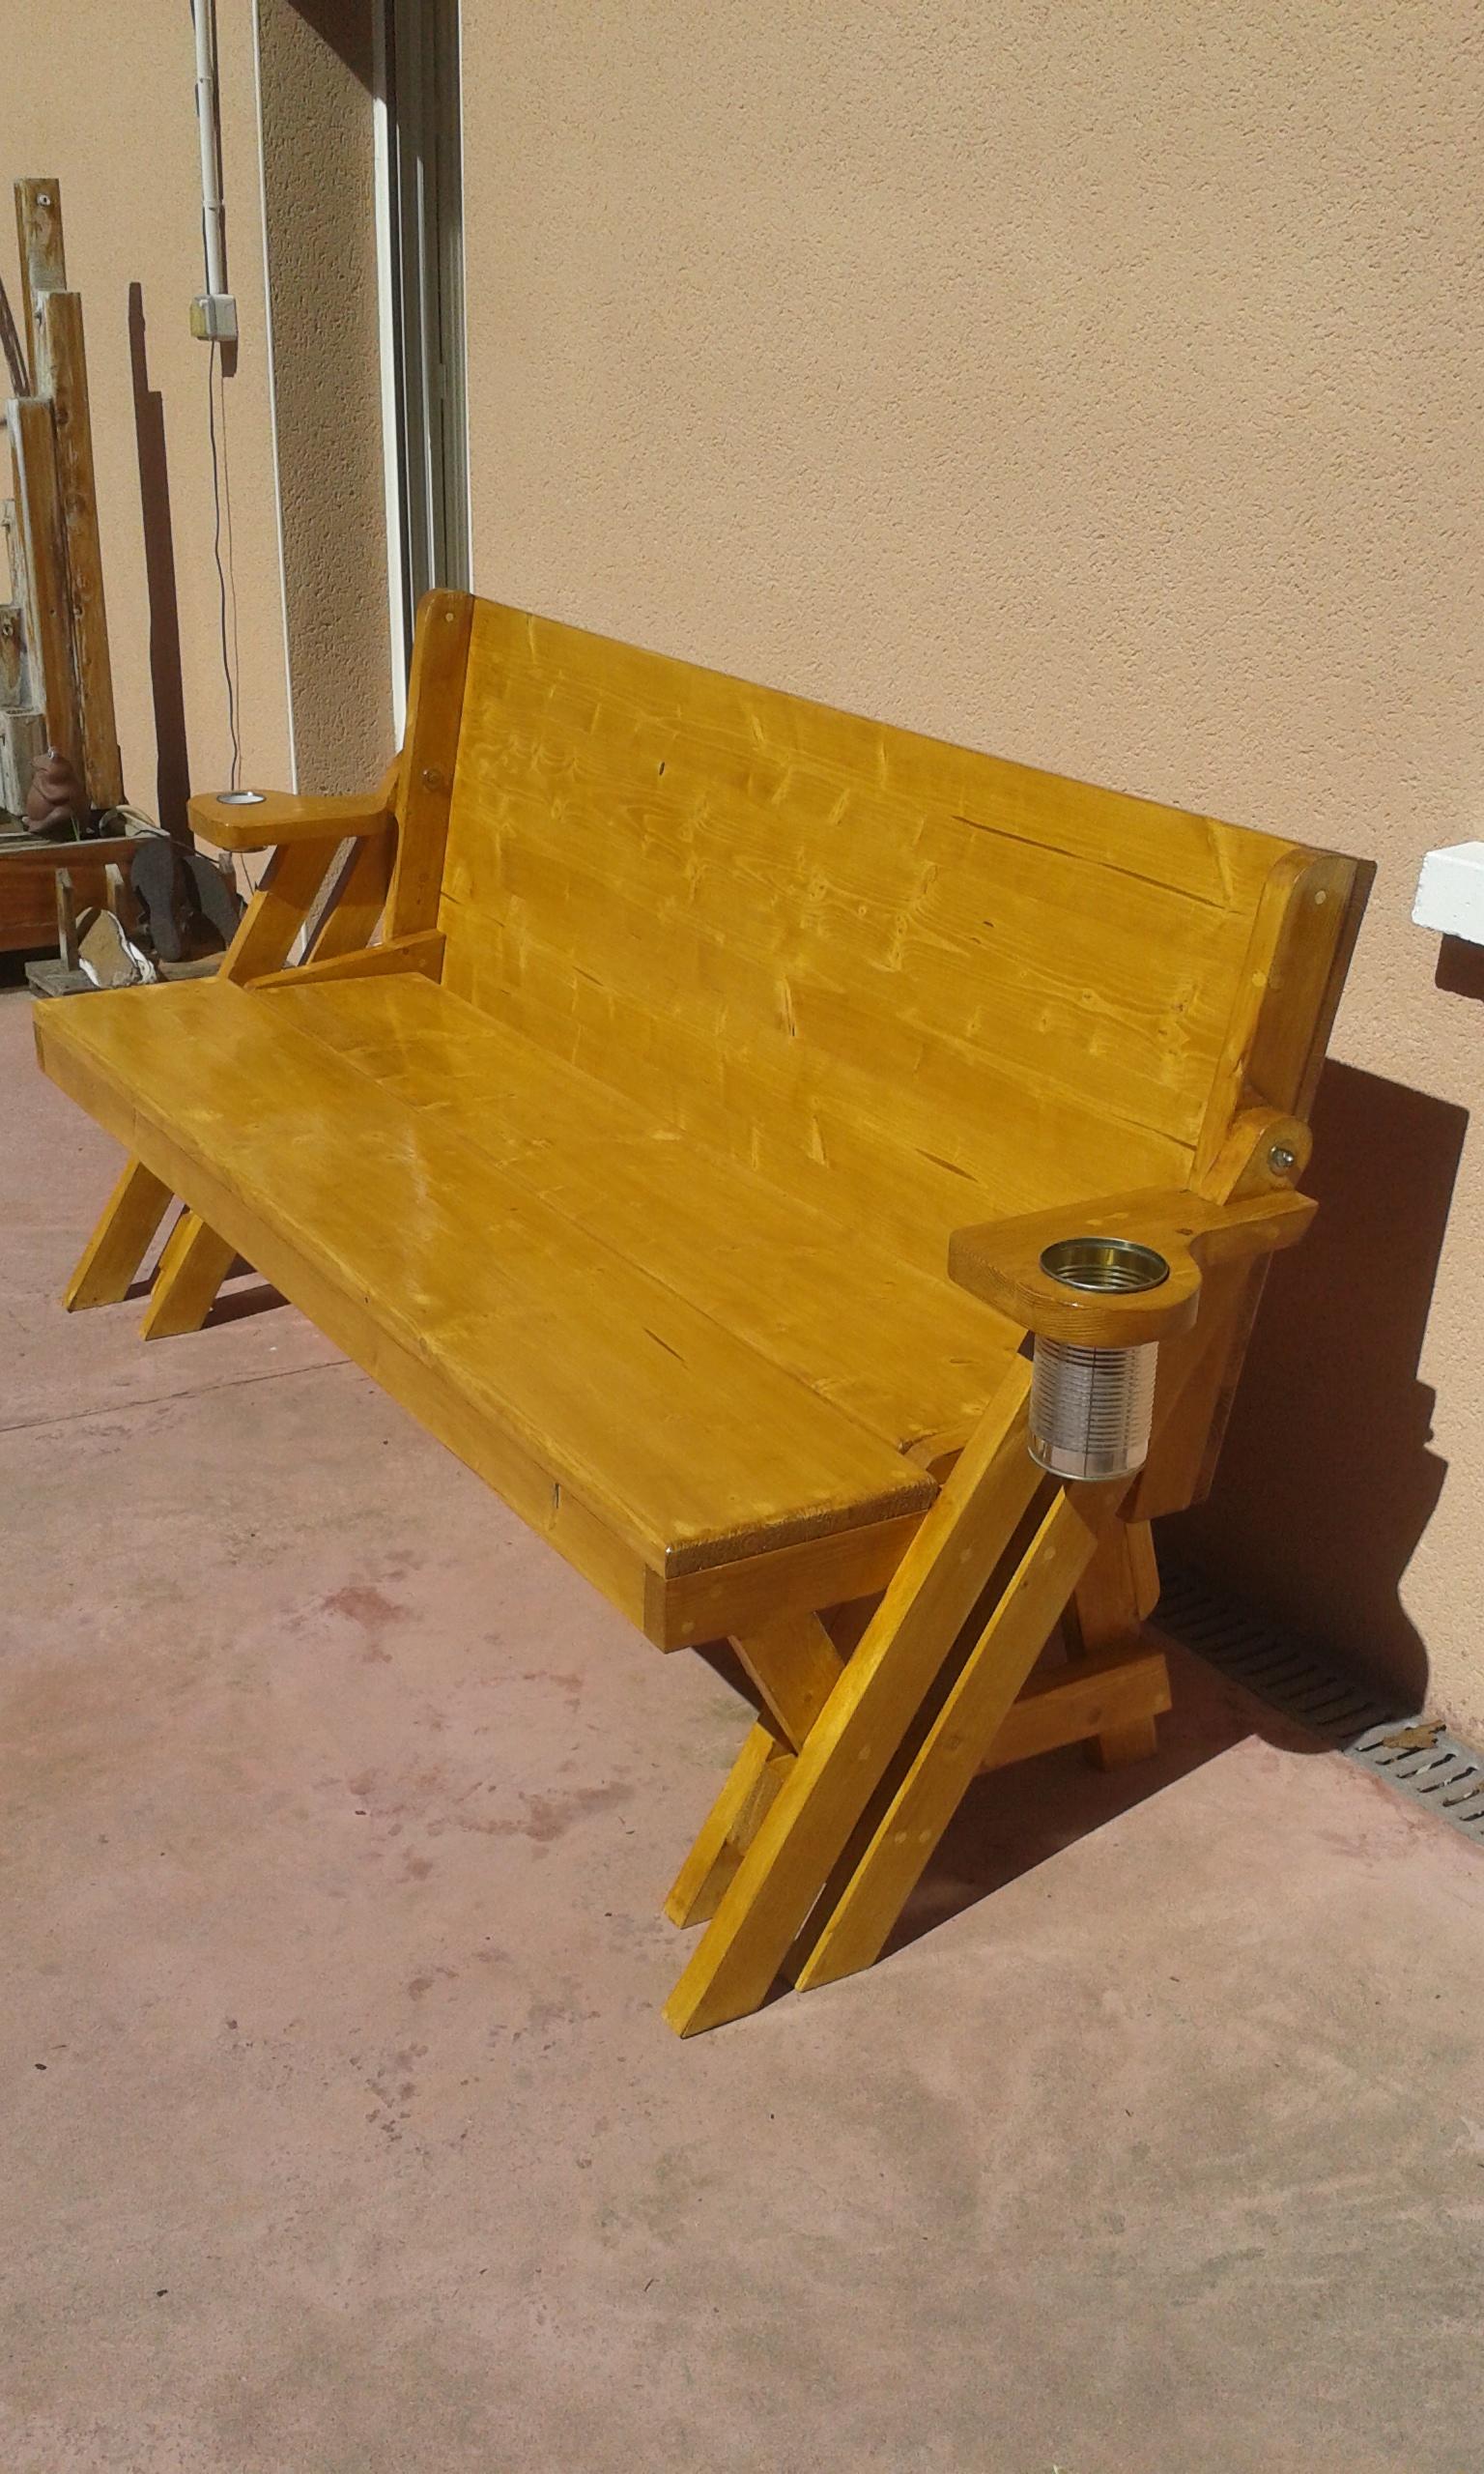 Enlever Brou De Noix Mains j'ai construit un banc transformable en table de pique-nique